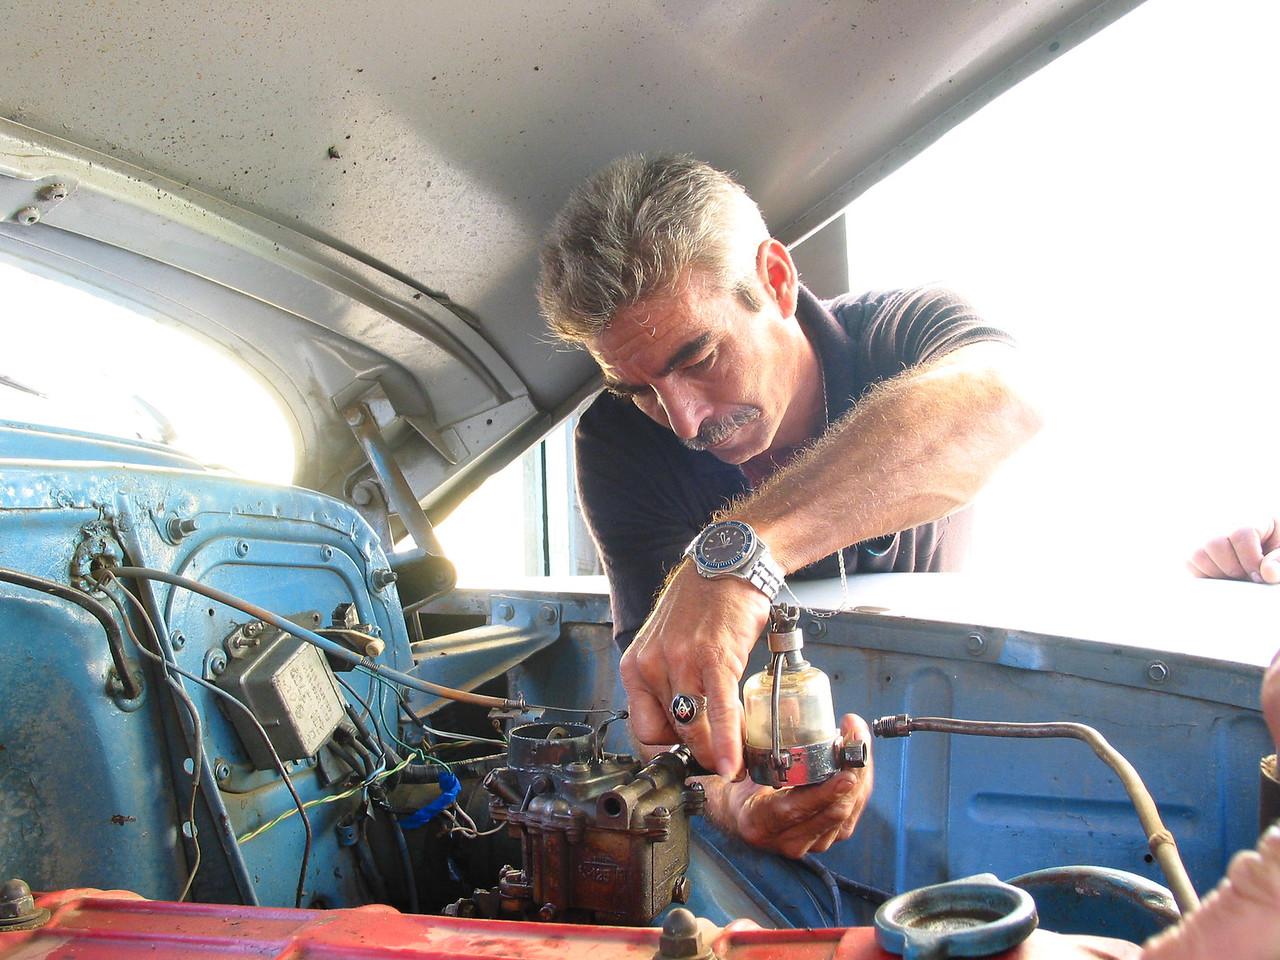 Repairing Car, Trinadad, Cuba.